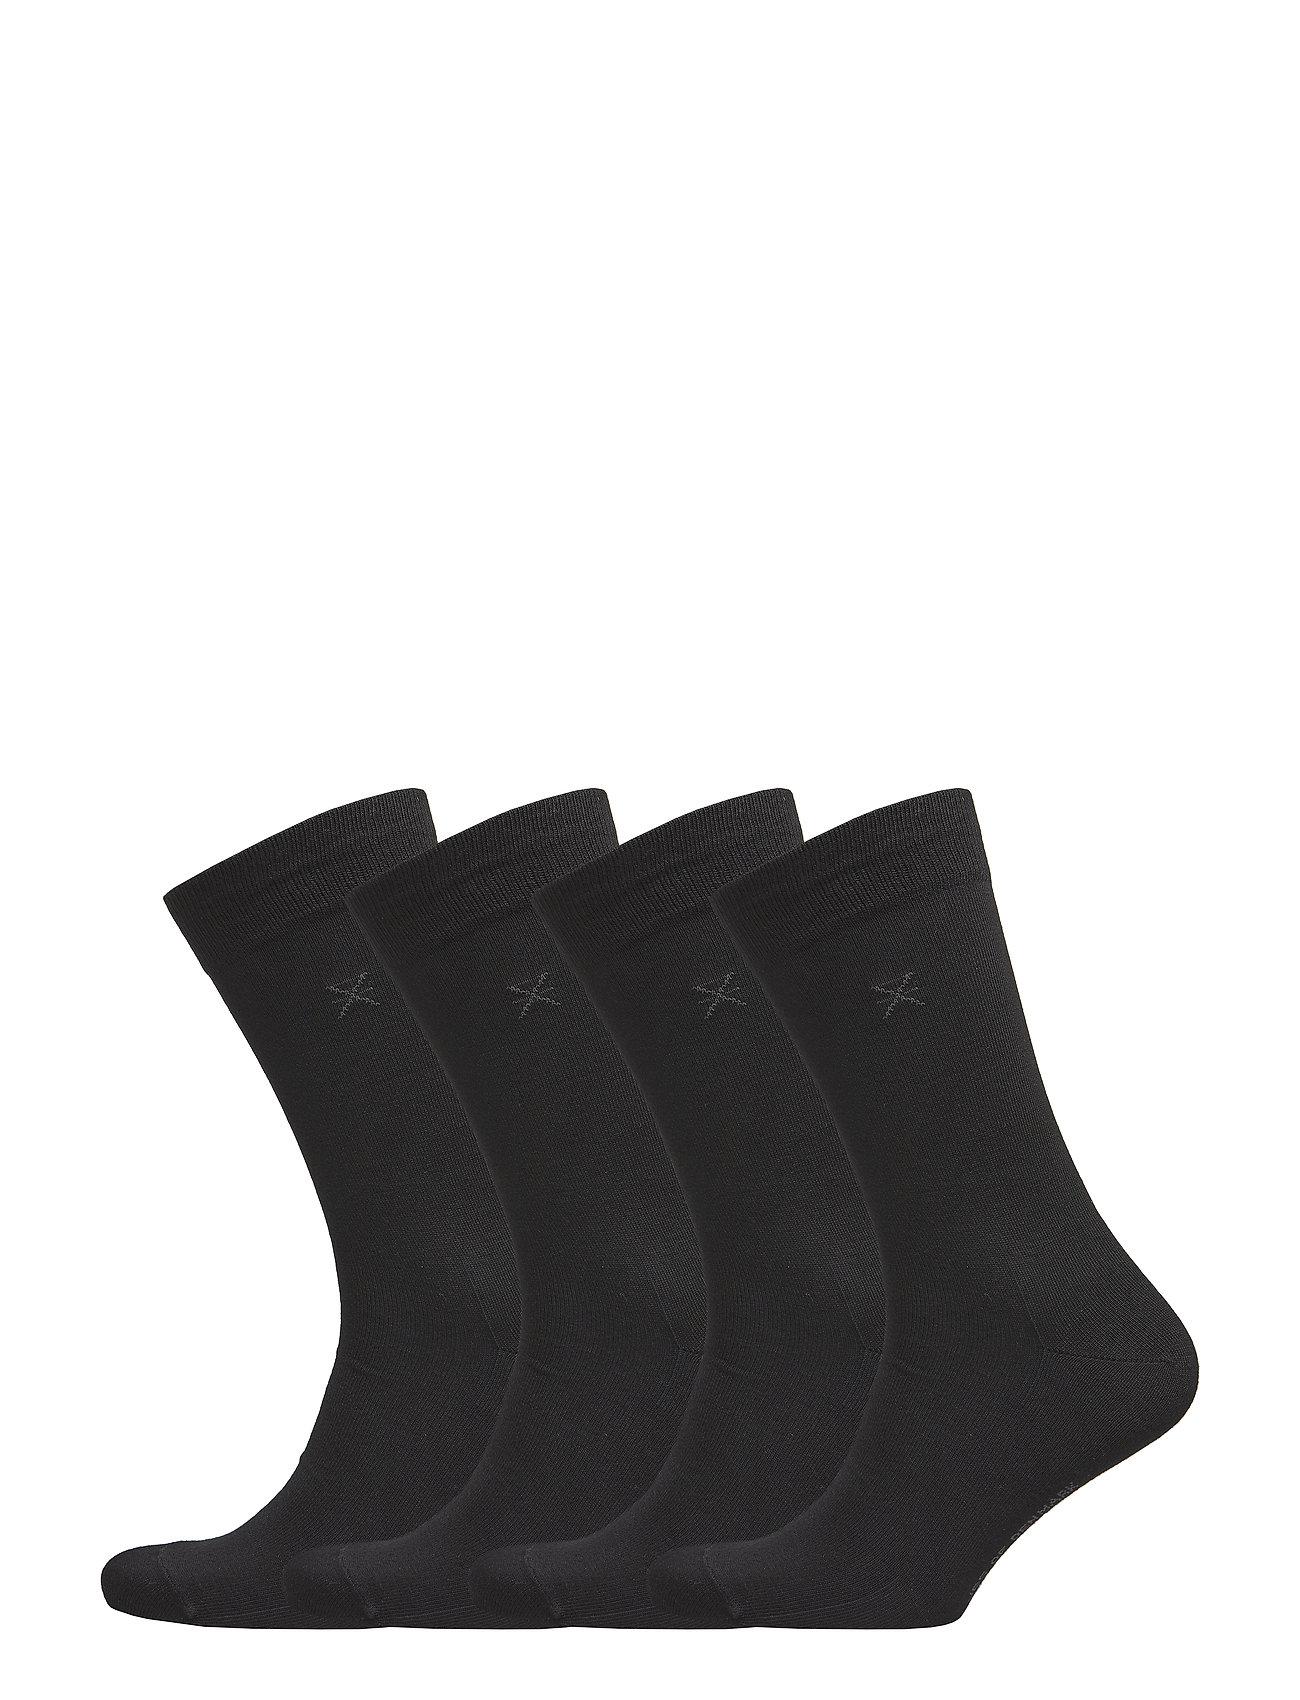 JBS of Denmark JBS of dk socks bamboo 4-pack - BLACK